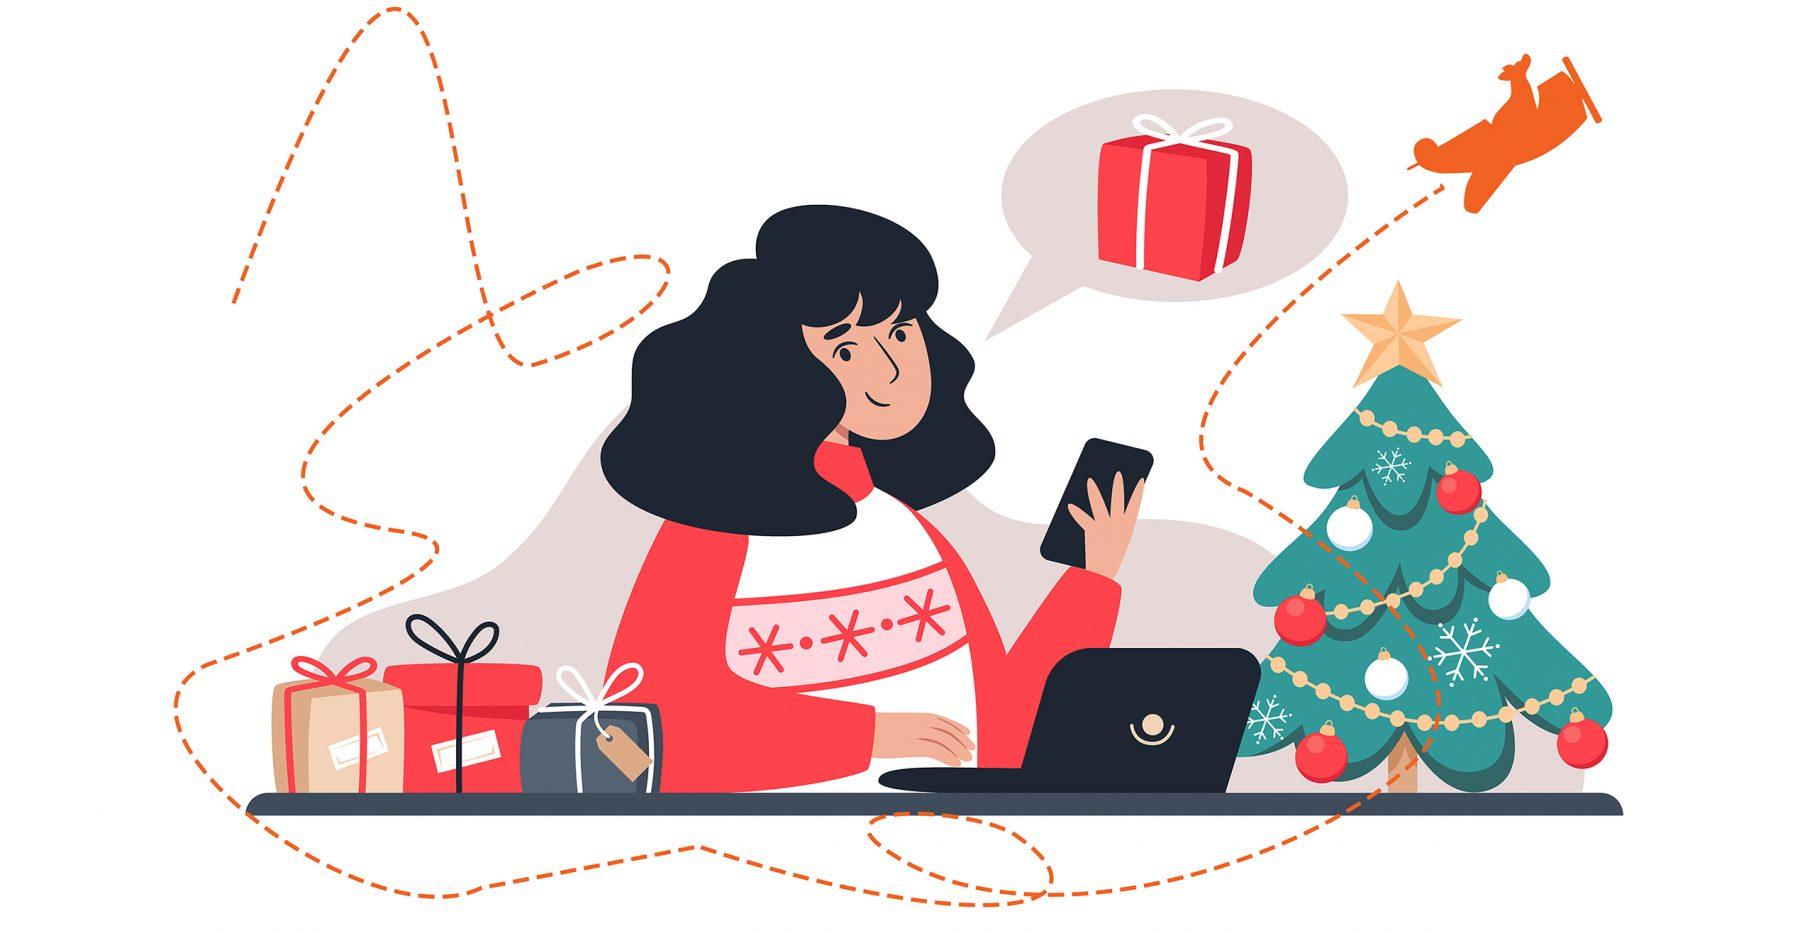 Hai un negozio? Ecco come aumentare le vendite a Natale. Con l'online